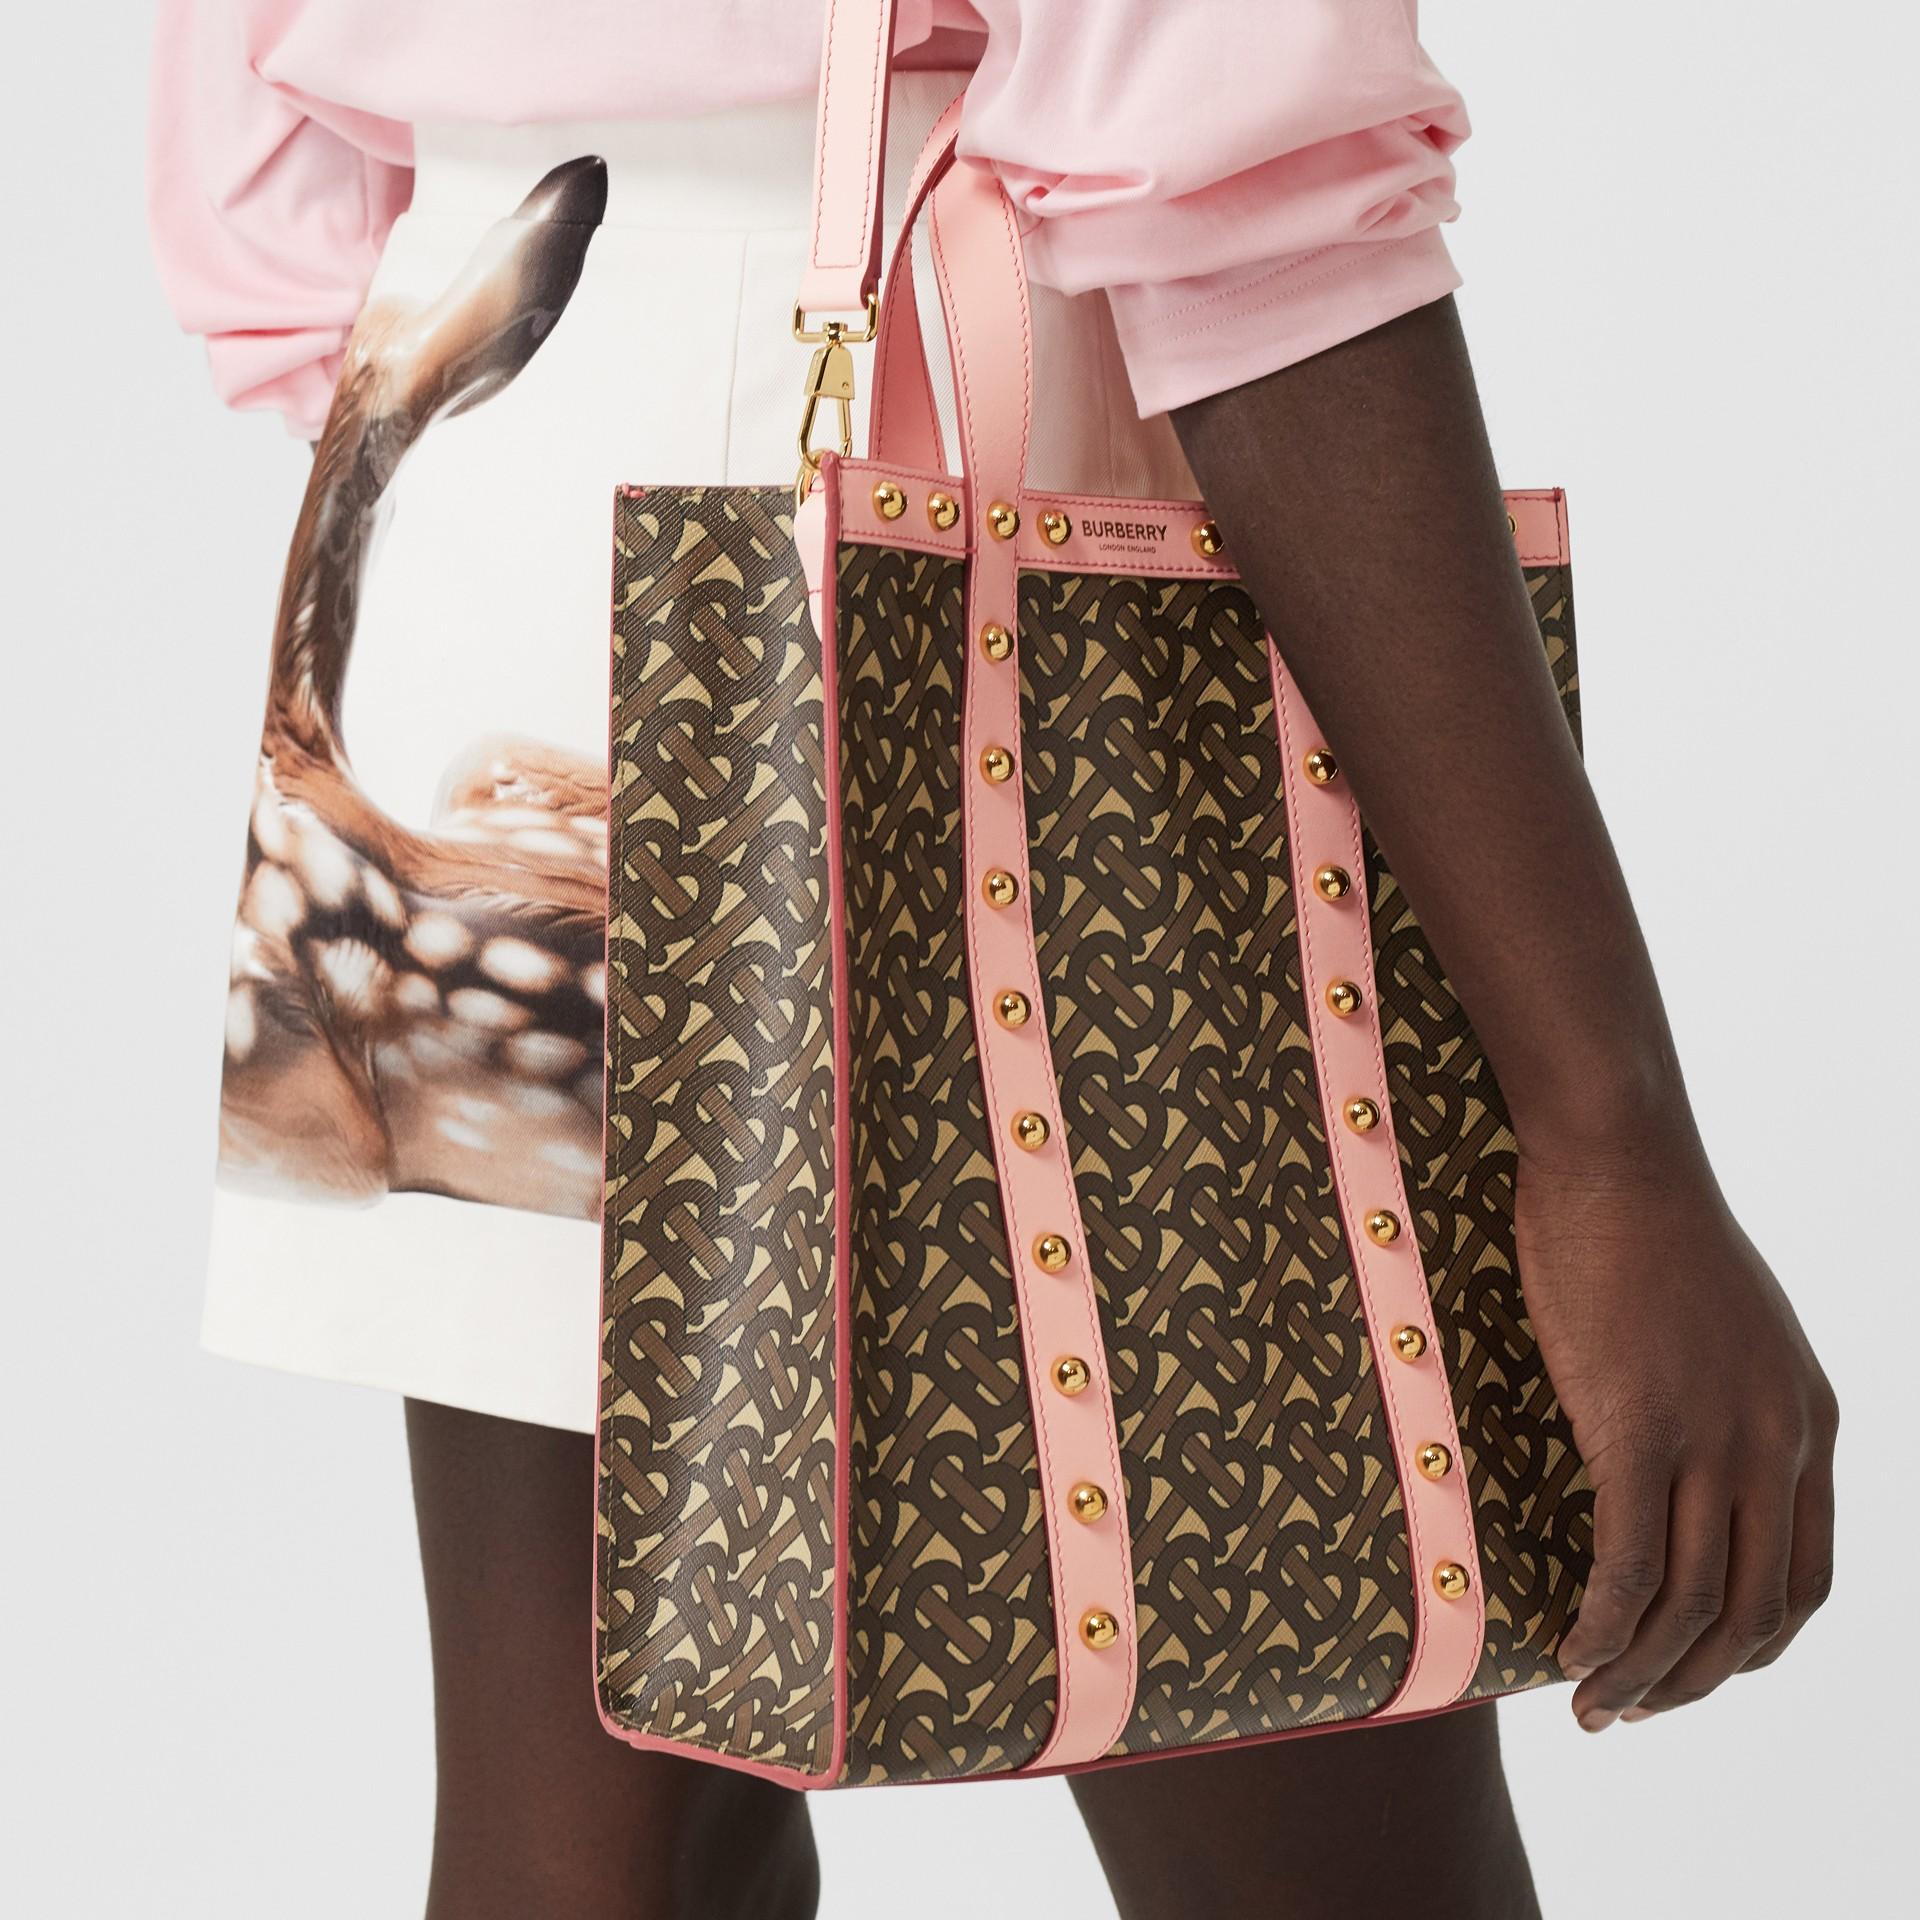 小型花押字印花環保帆布直式托特包 (雲粉紅) - 女款 | Burberry - 圖庫照片 10